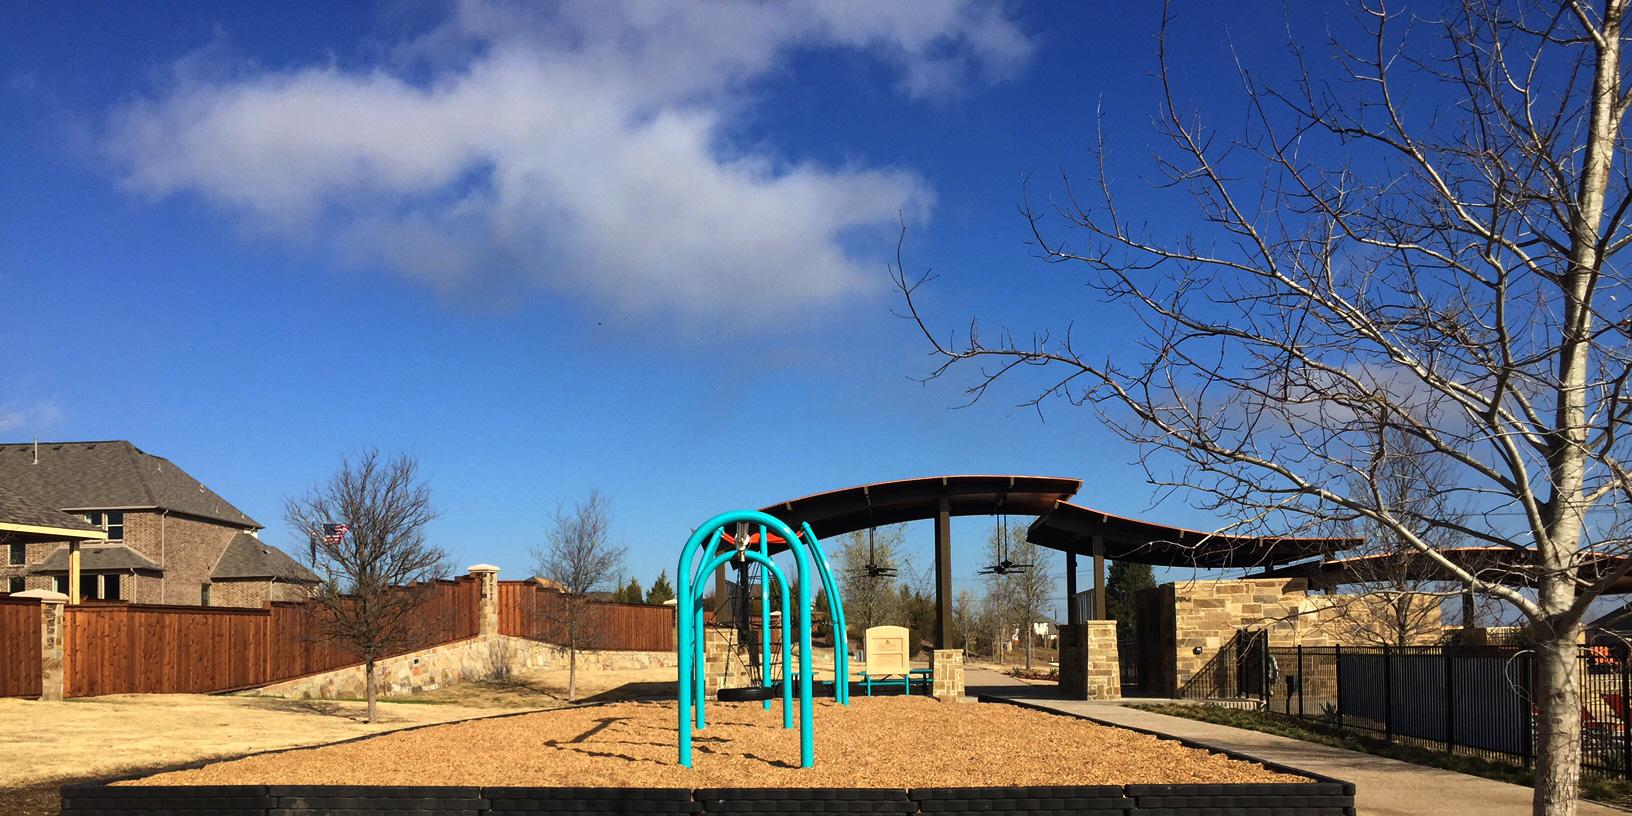 2016-02-16-Inspiration-Hope-Harbor-Playground-PHOTO1[1].jpg